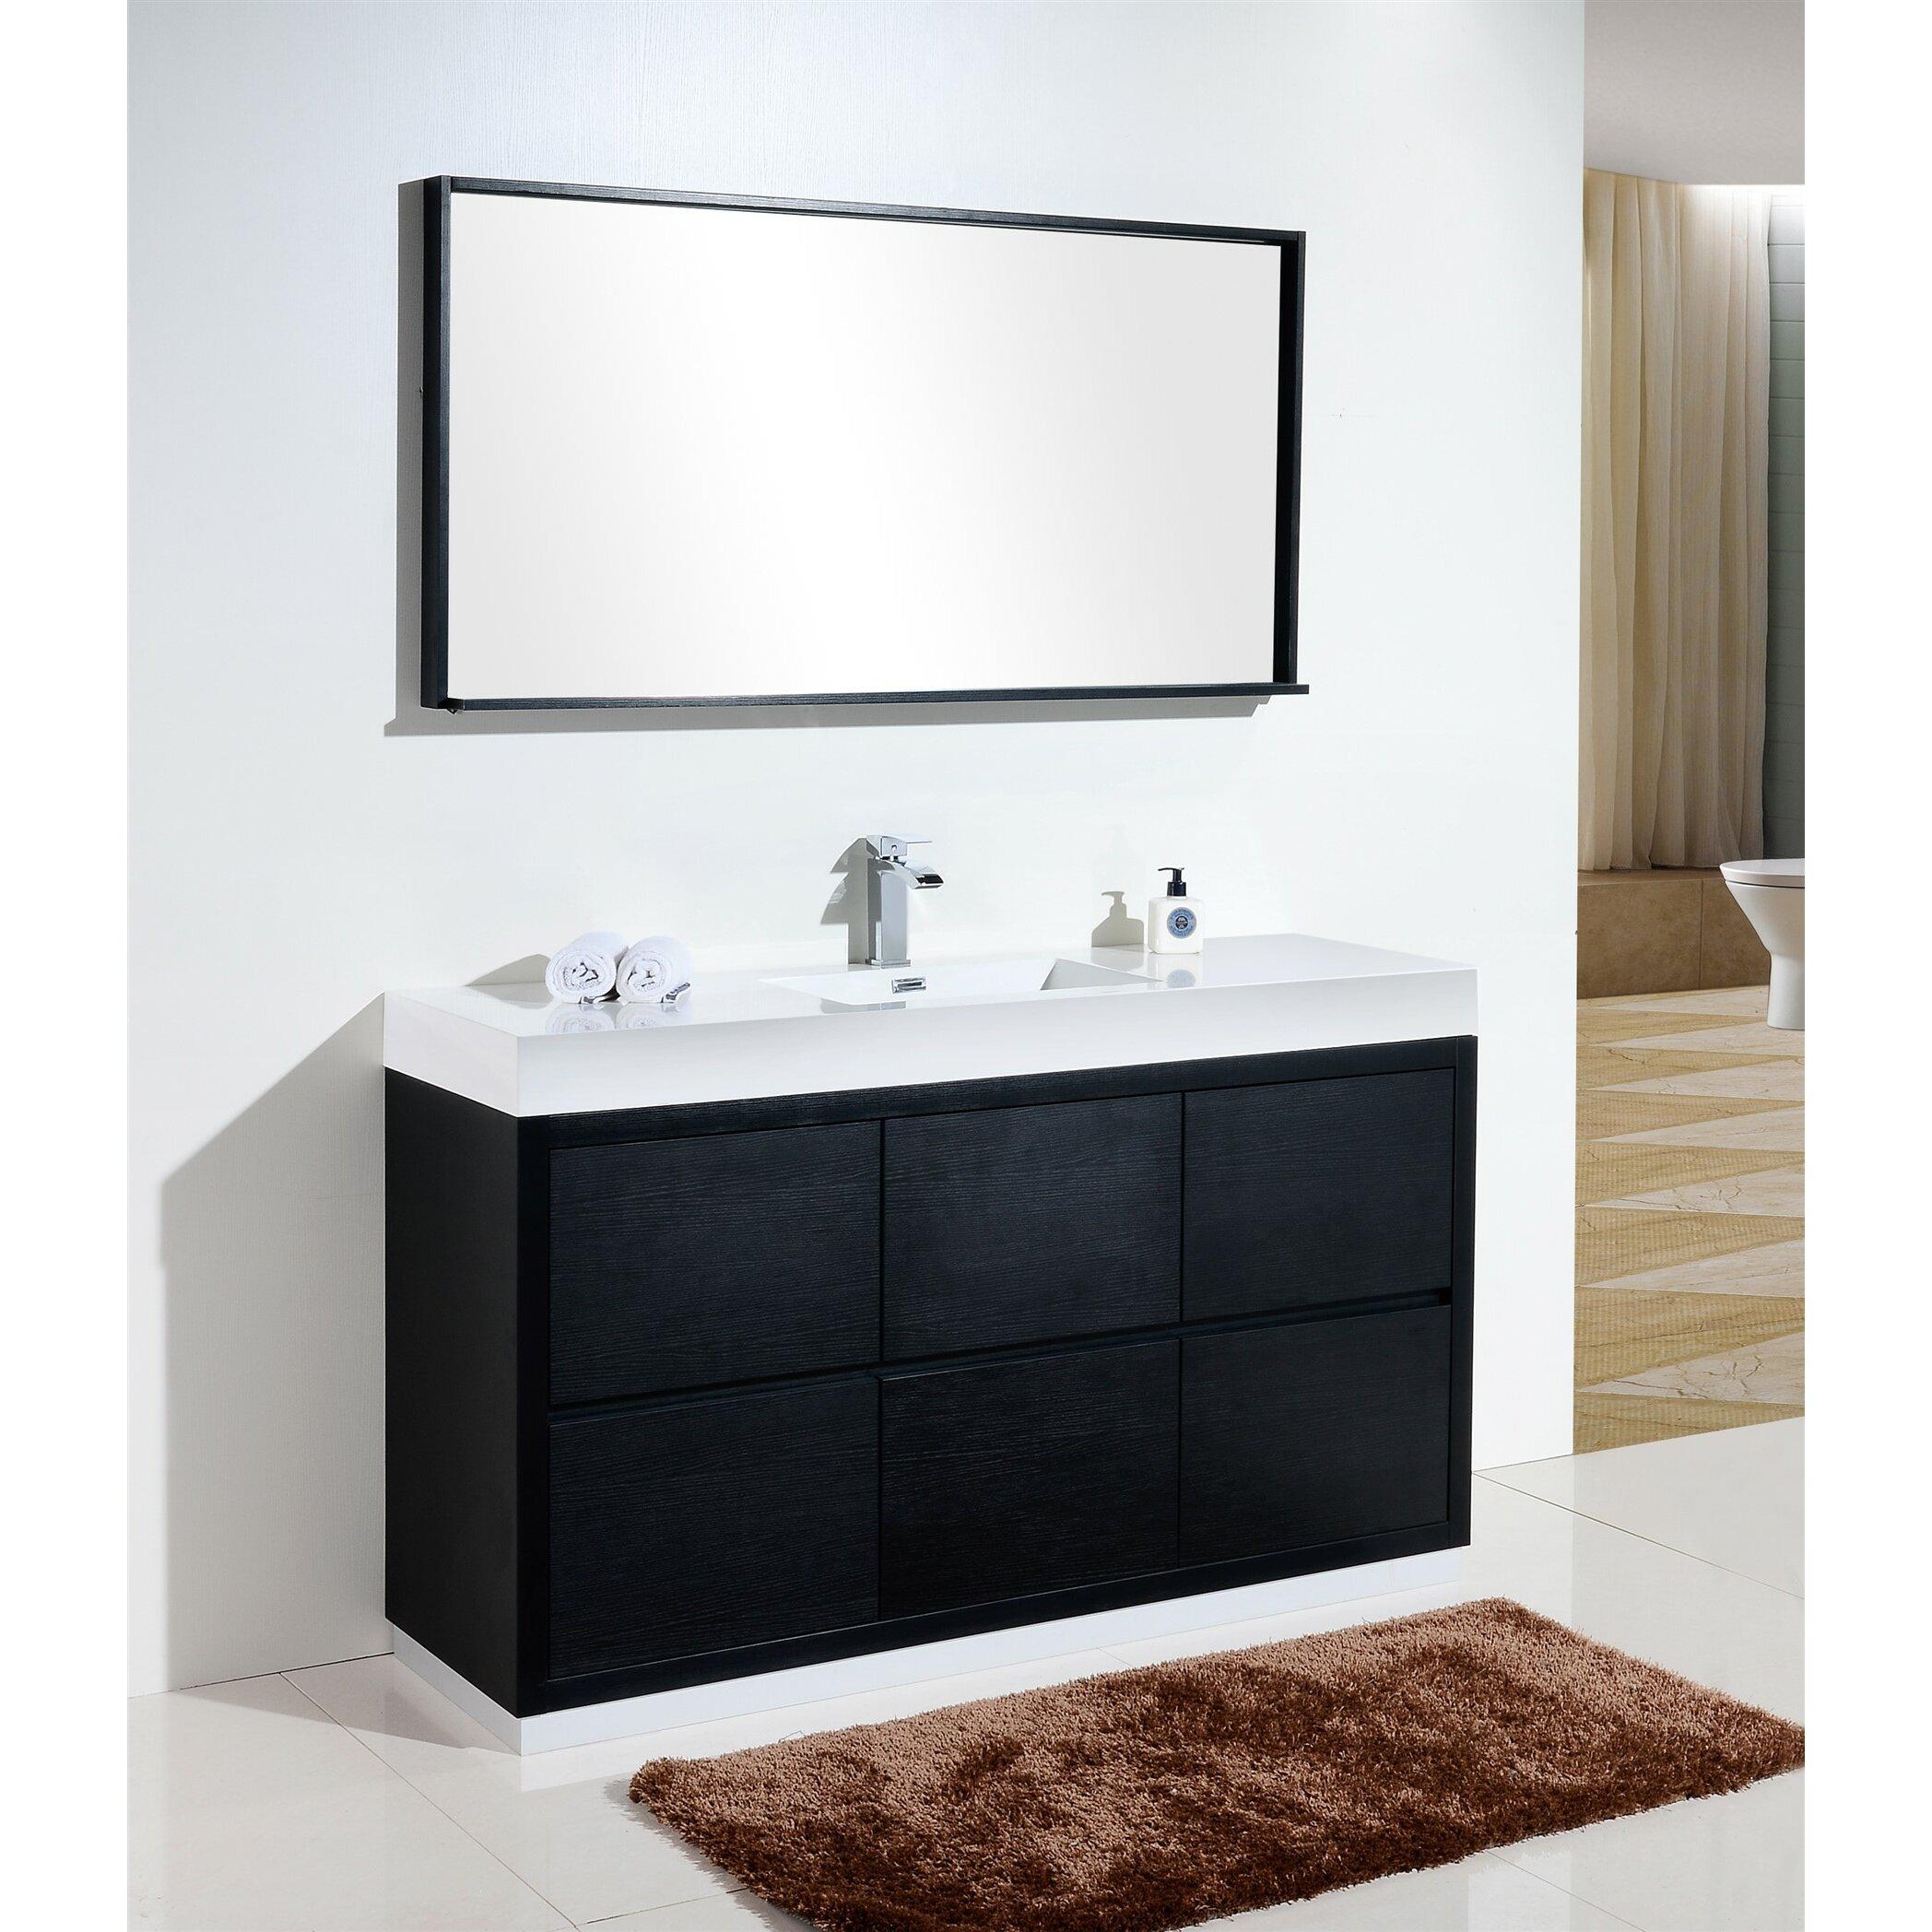 Kube bath bliss 60 single free standing modern bathroom vanity set reviews wayfair for Free standing bathroom vanities